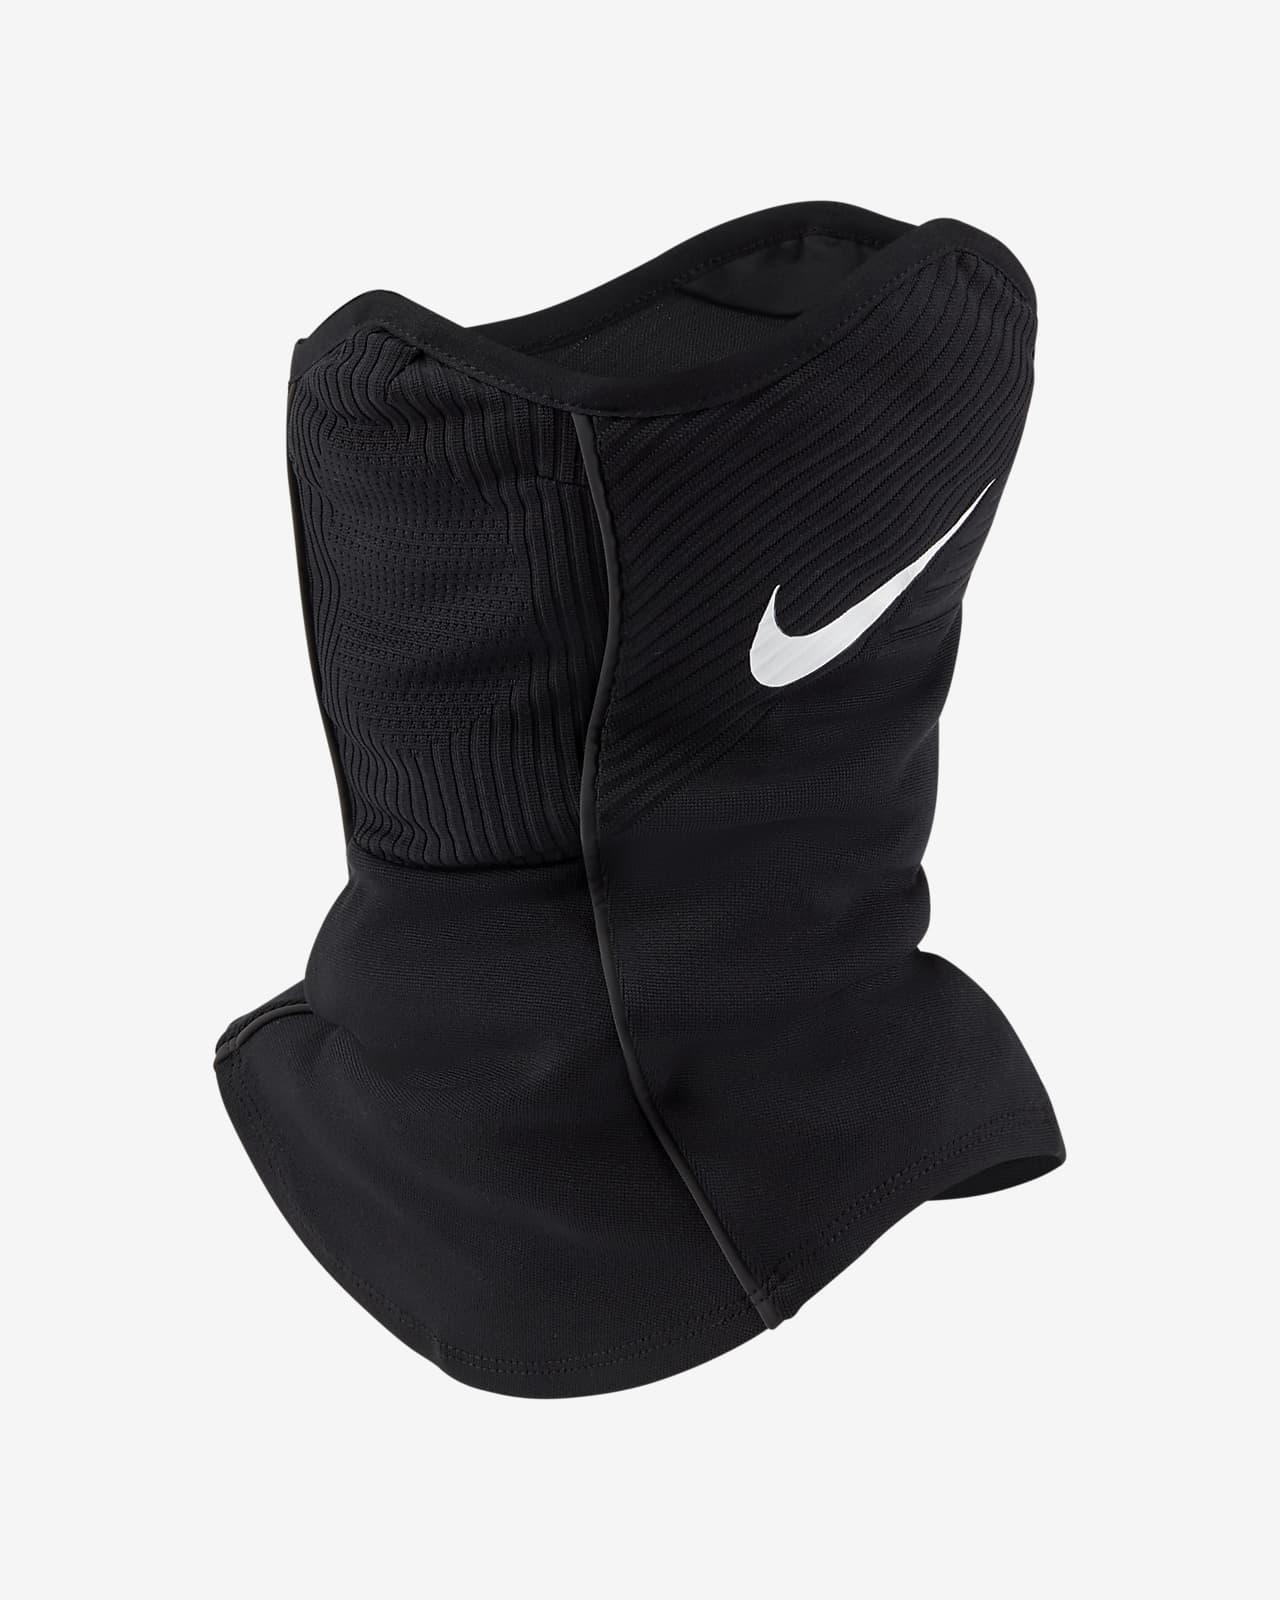 Cuello térmico Nike VaporKnit Strike Winter Warrior